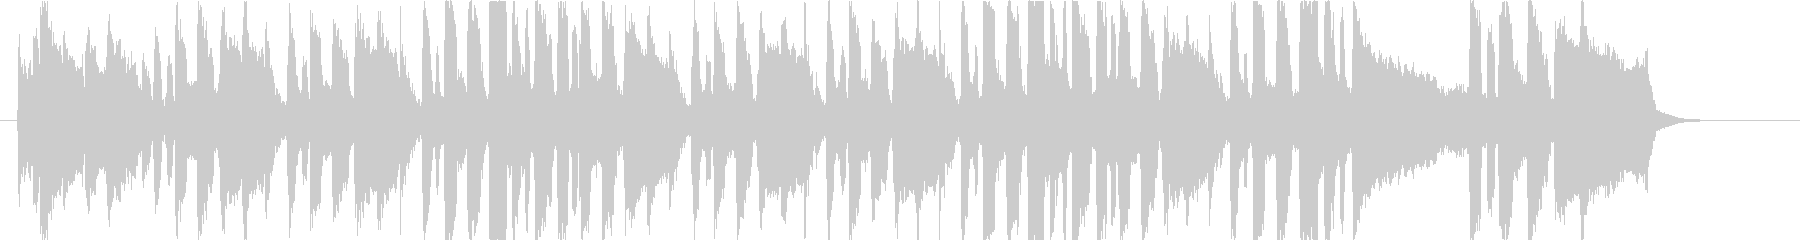 誕生日の歌(ワルツver) 【ハルト】の未再生の波形